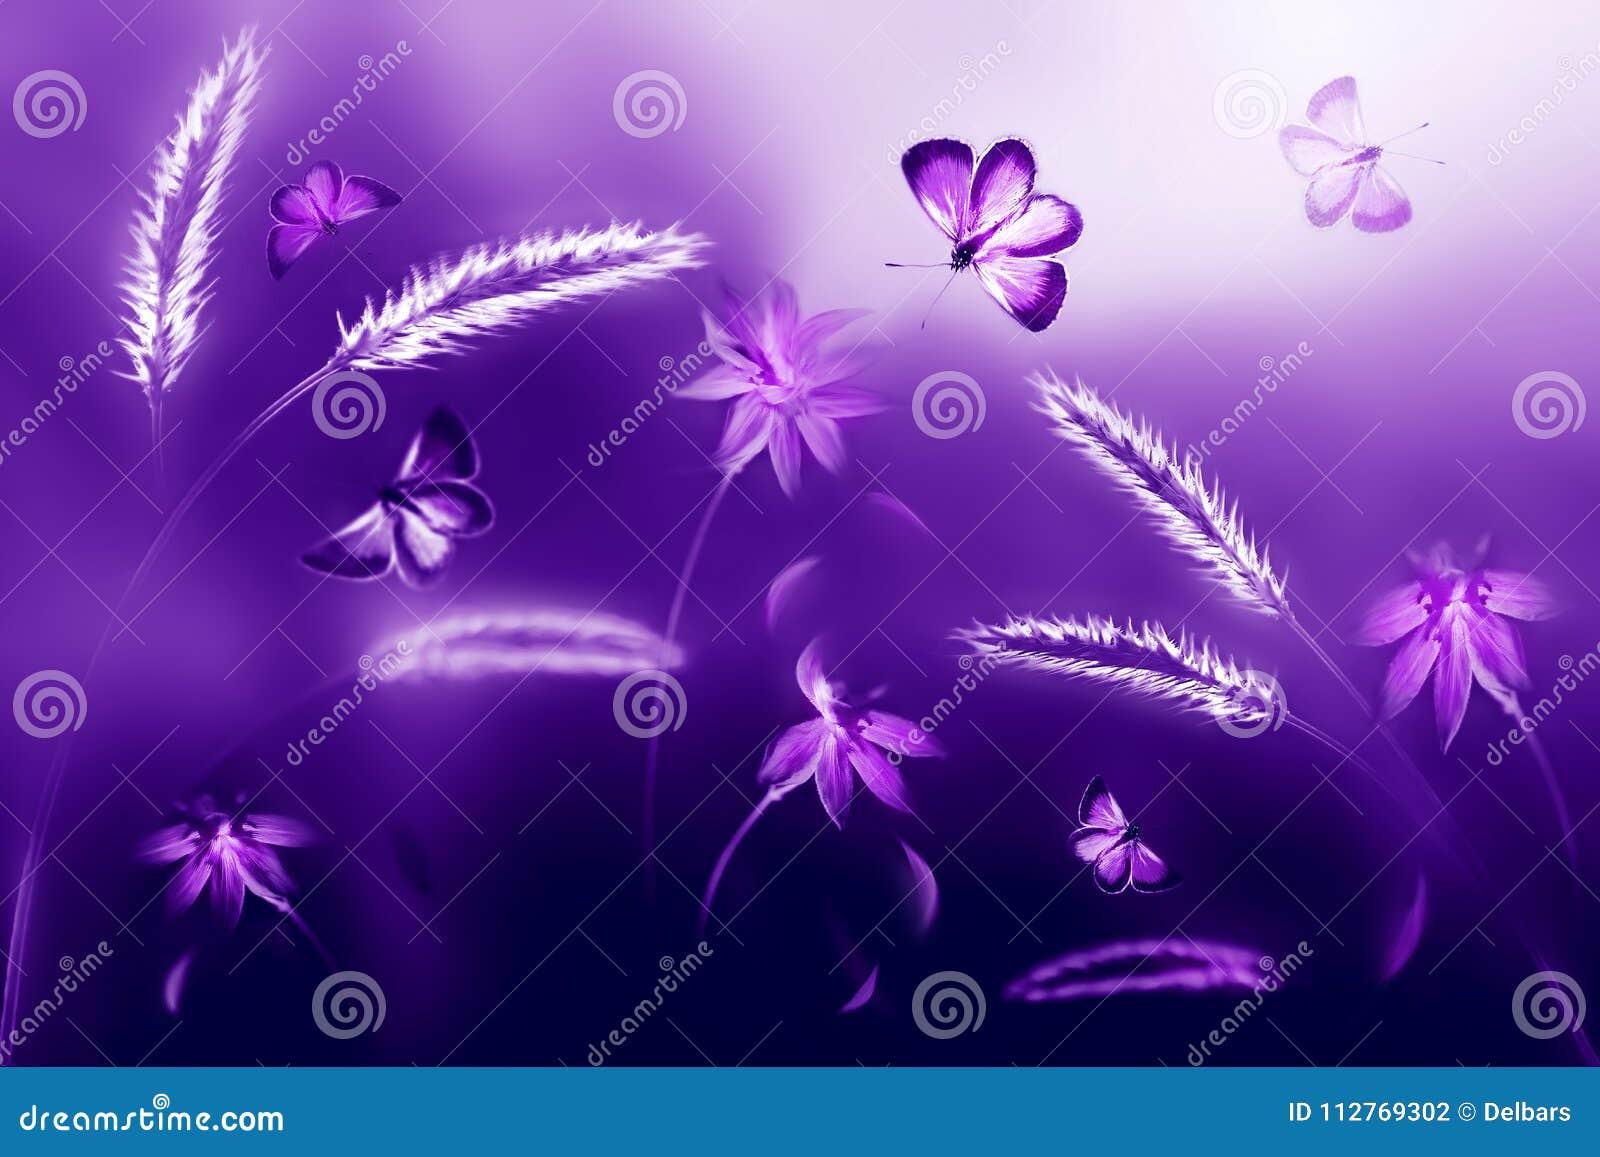 Farfalle rosa e porpora contro un fondo dei fiori selvaggi nei toni porpora e viola Immagine naturale ultravioletta artistica